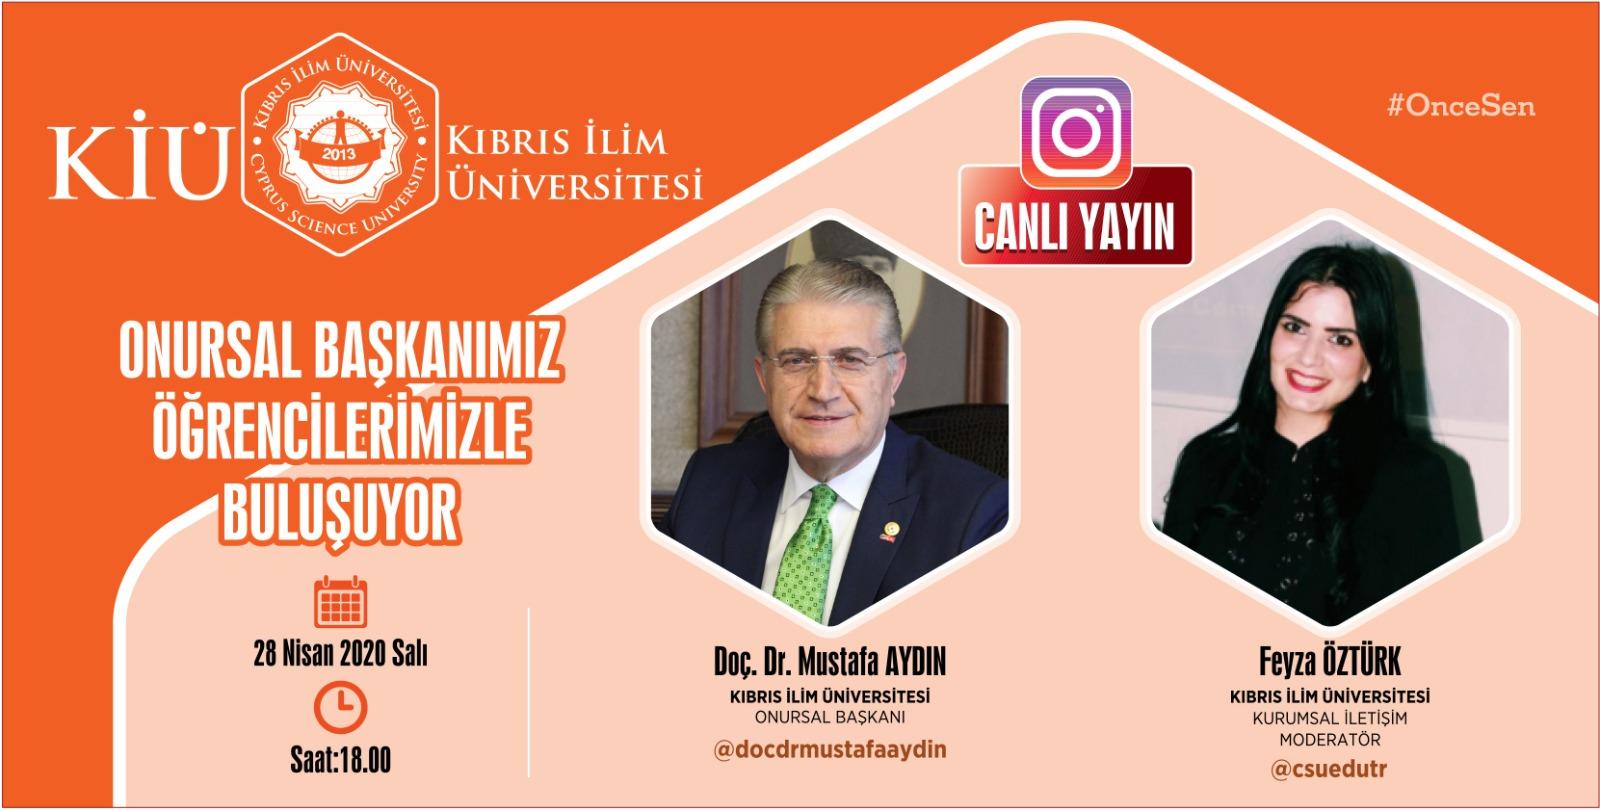 http://mustafaaydin.com/wp-content/uploads/2020/06/KİÜ-CANLI-YAYIN.jpg